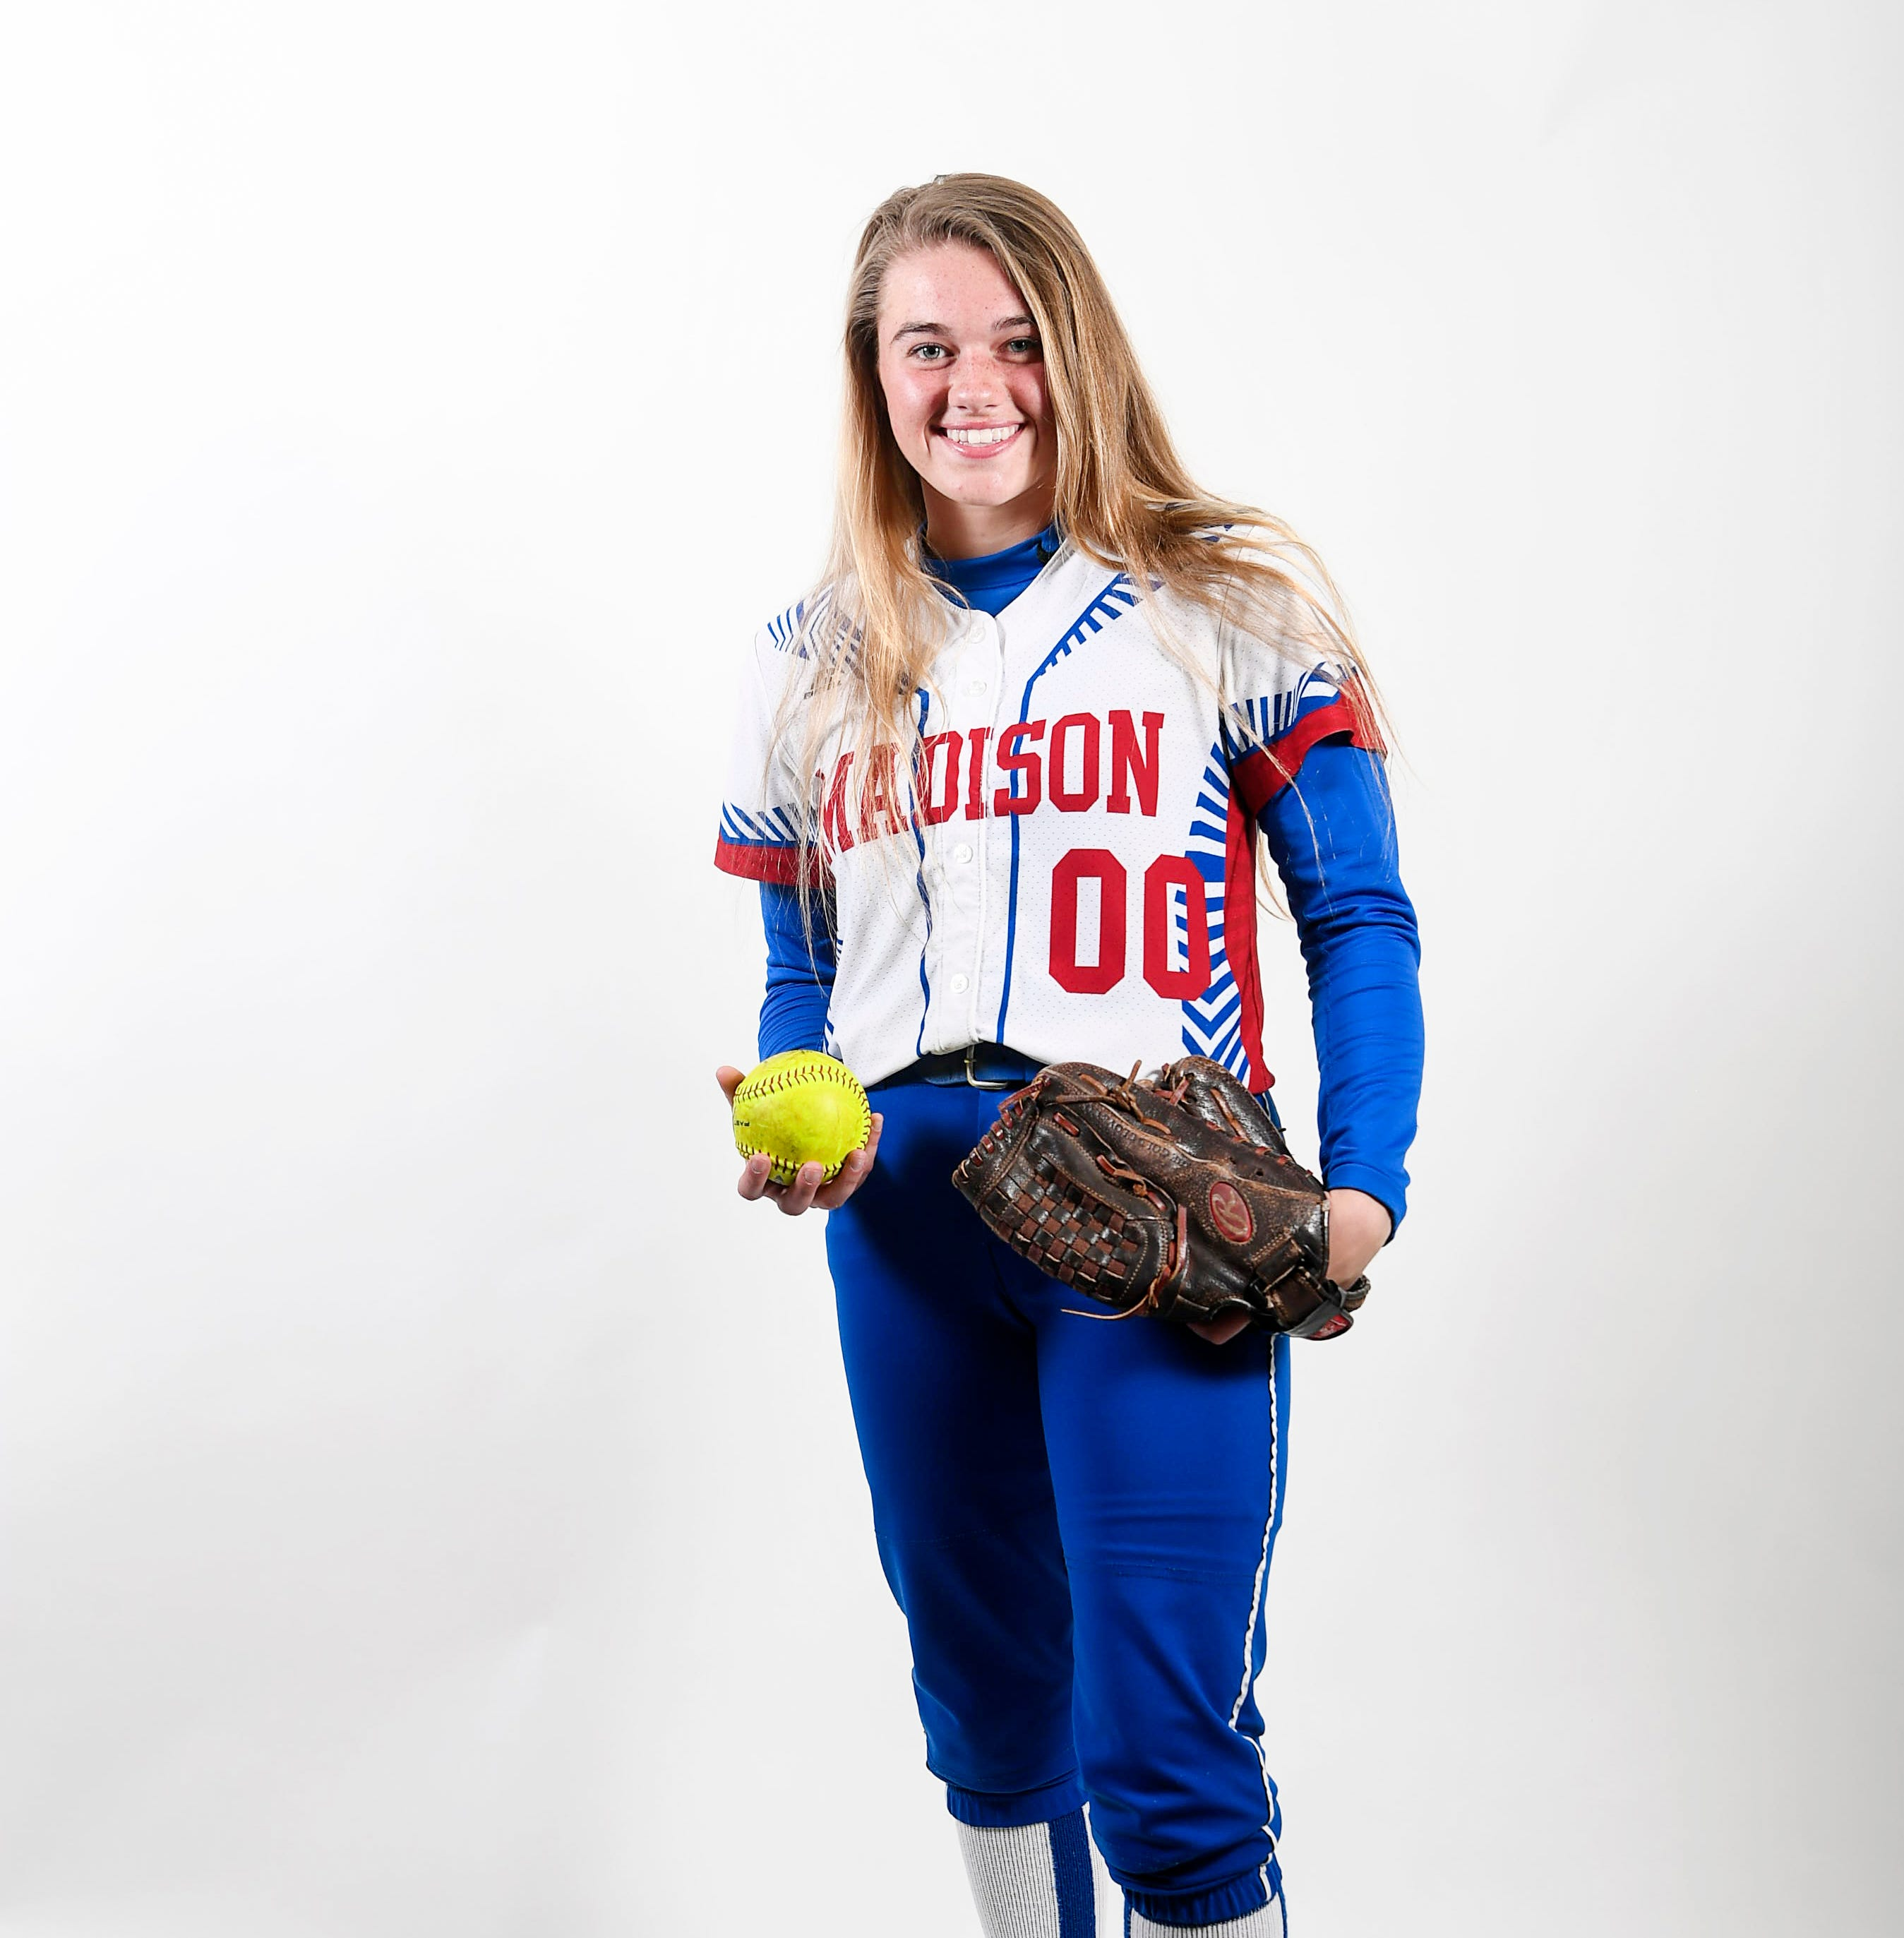 Ingles Athlete of the Week: Savannah Rice